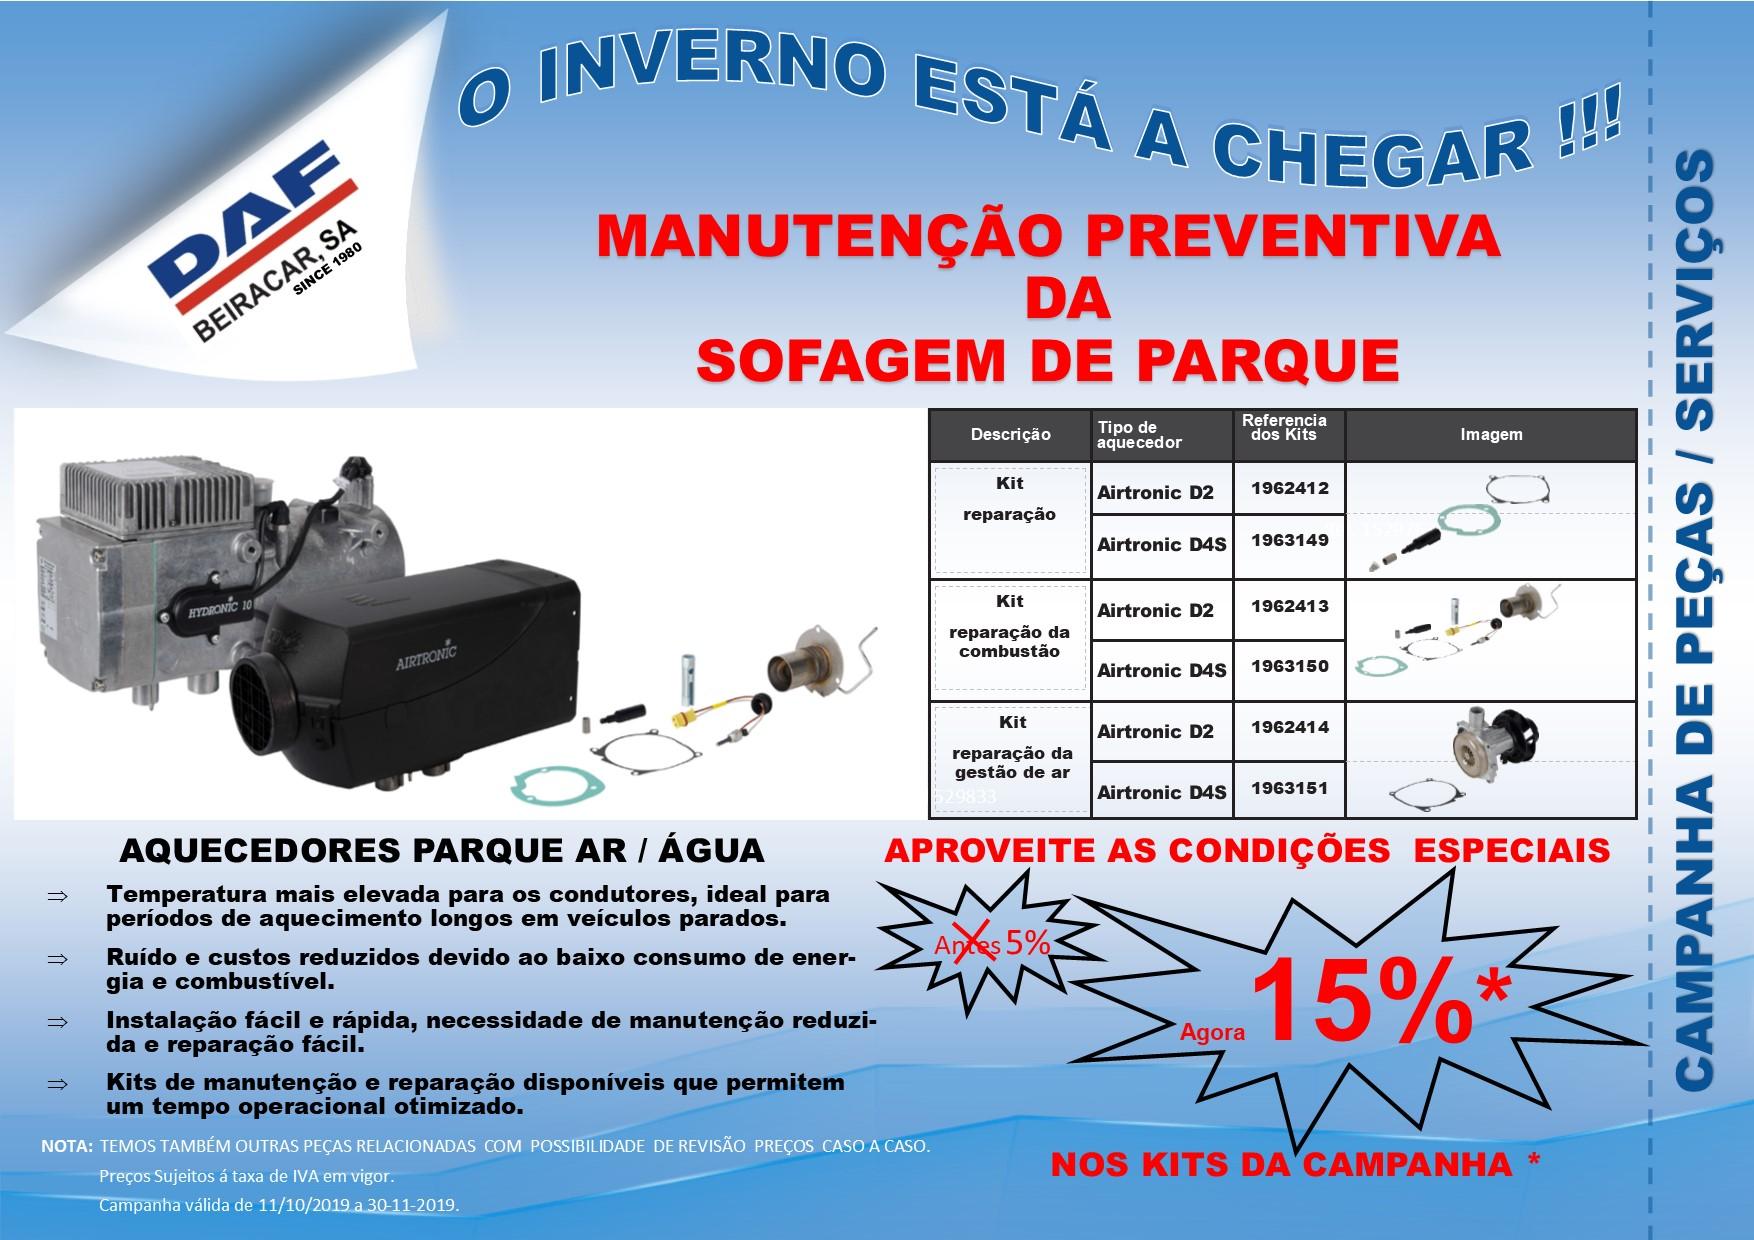 CAMPANHA - MANUTENÇÃO PREVENTIVA DA SOFAGEM DE PARQUE